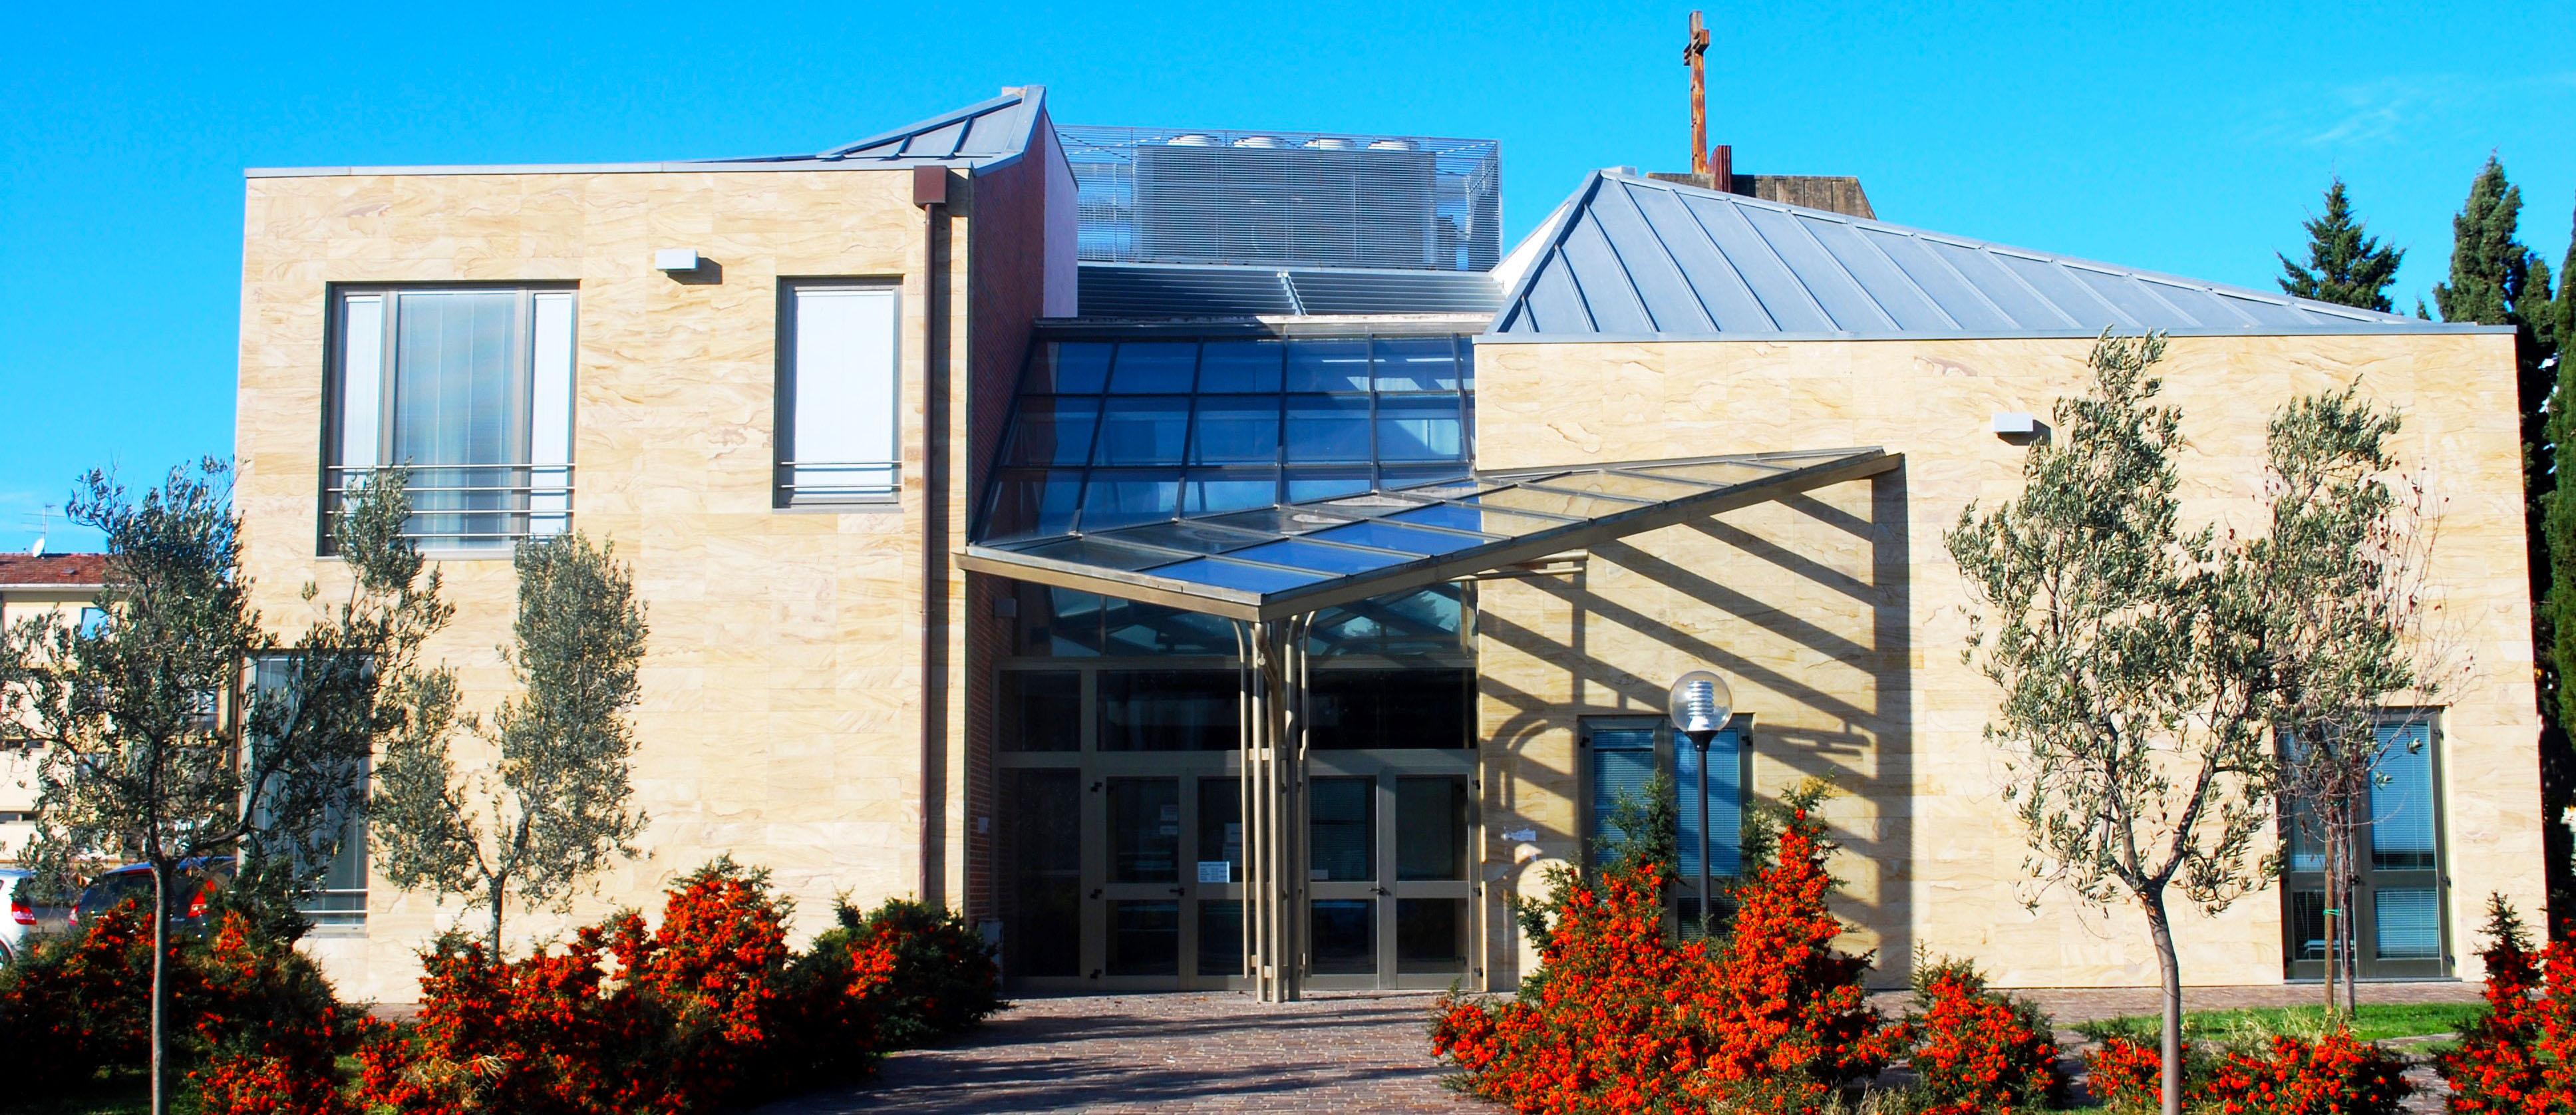 Centro per l'Impiego - Grosseto - Progettazione Architettonica, Strutturale, Impiantistica e Direzione Lavori